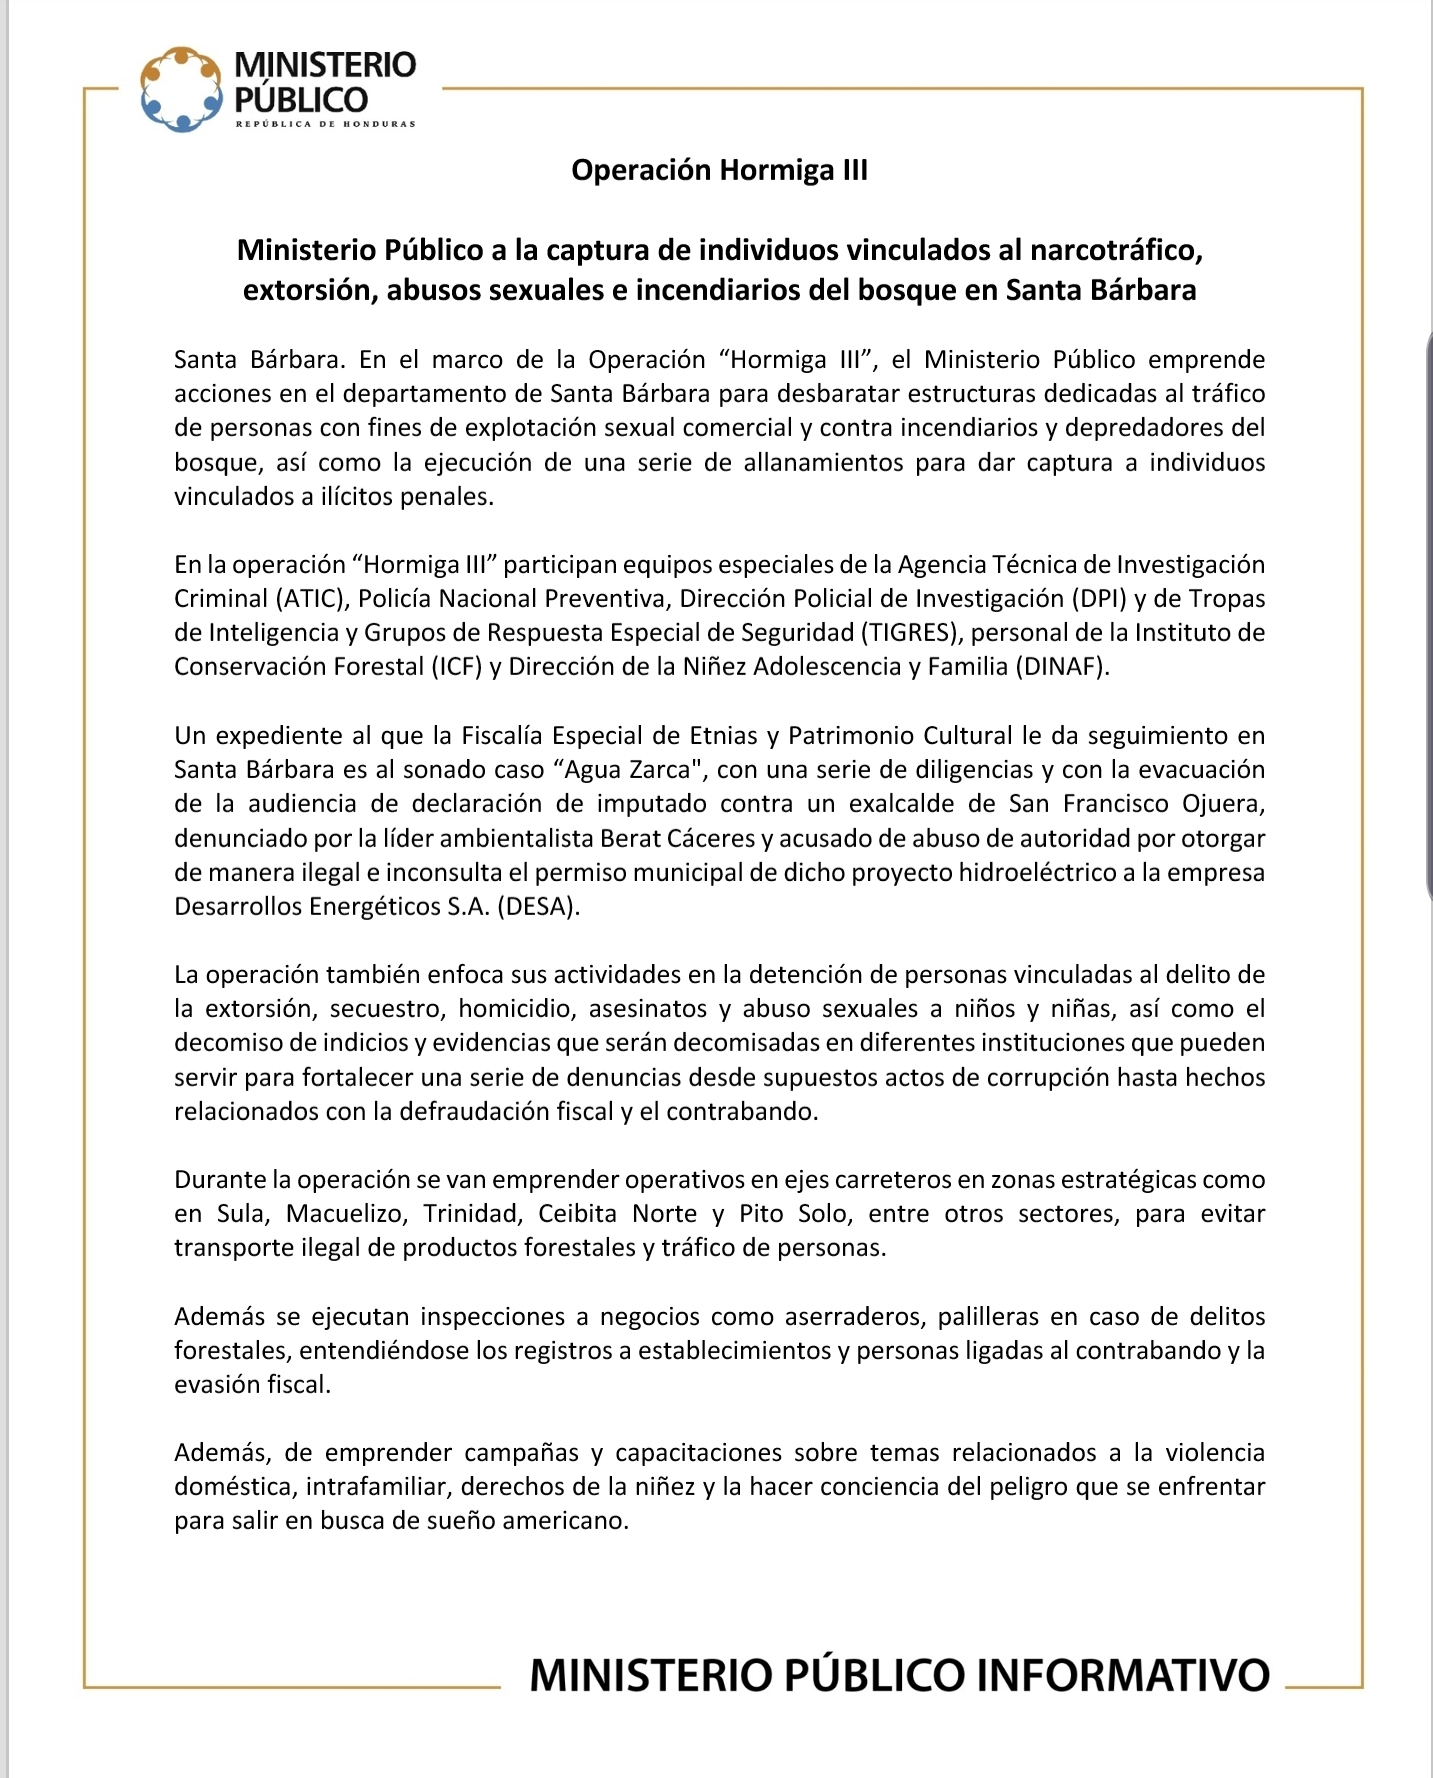 Operación Hormiga III.jpg